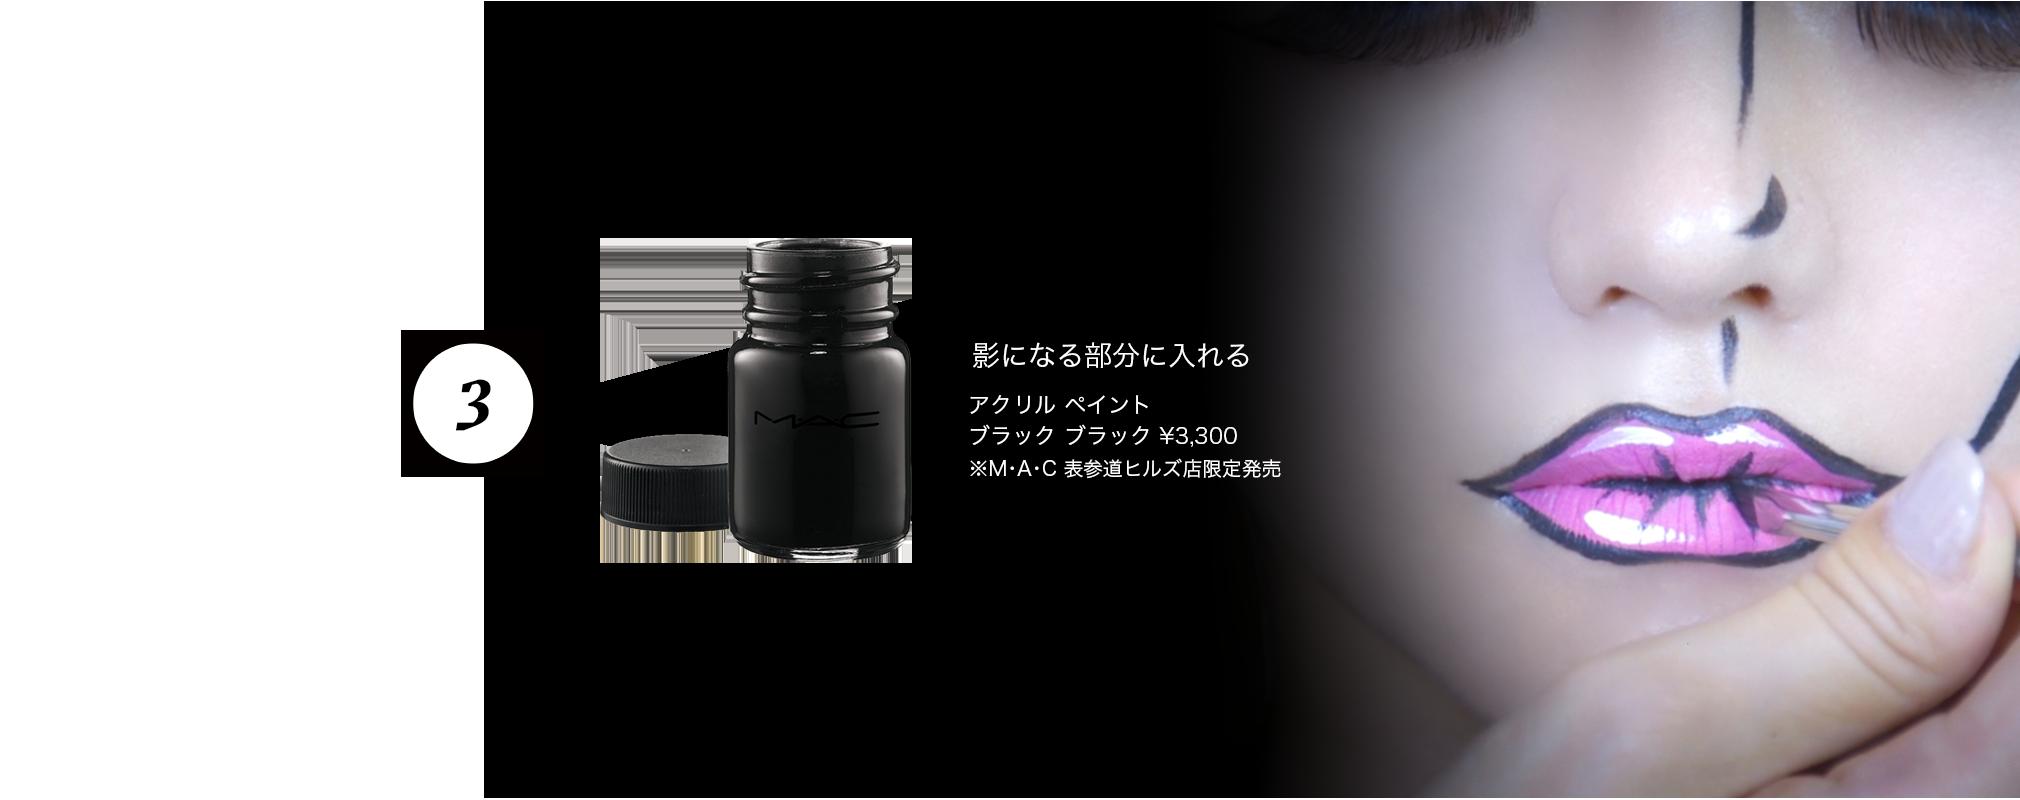 STEP3 リップガラス クリア ¥2,100